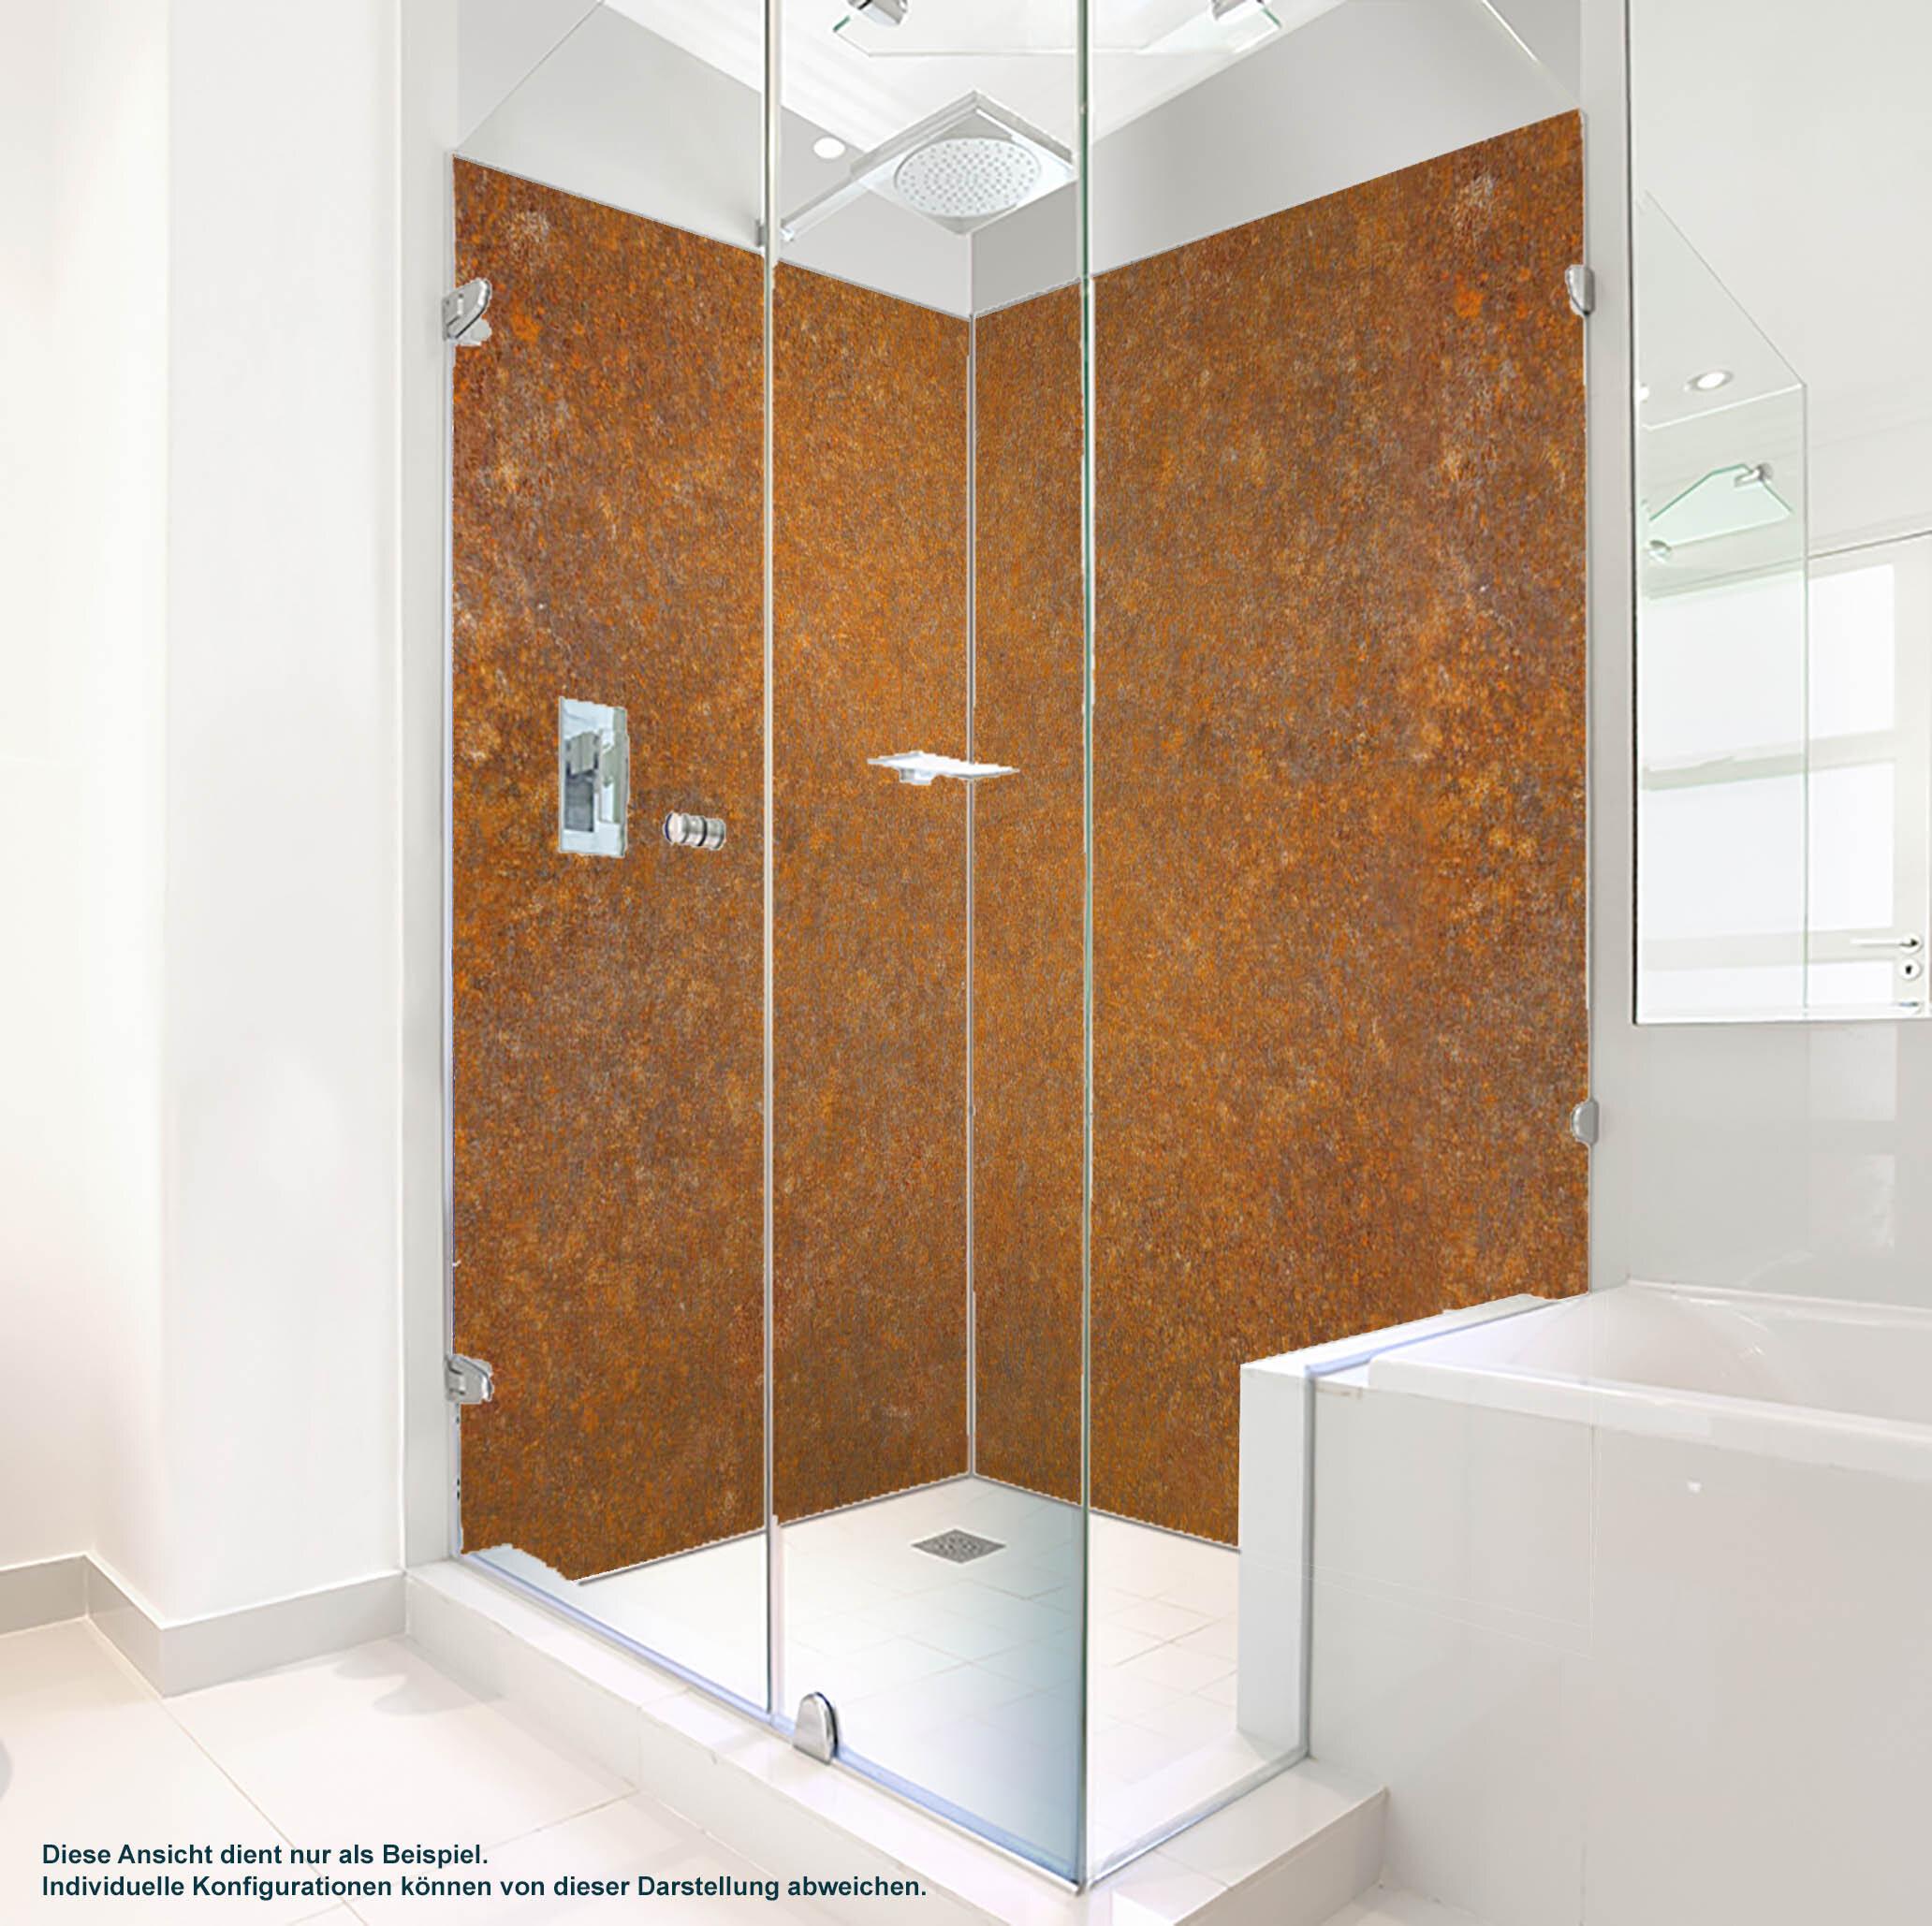 Dusche PlateART Duschrückwand mit Motiv Rost